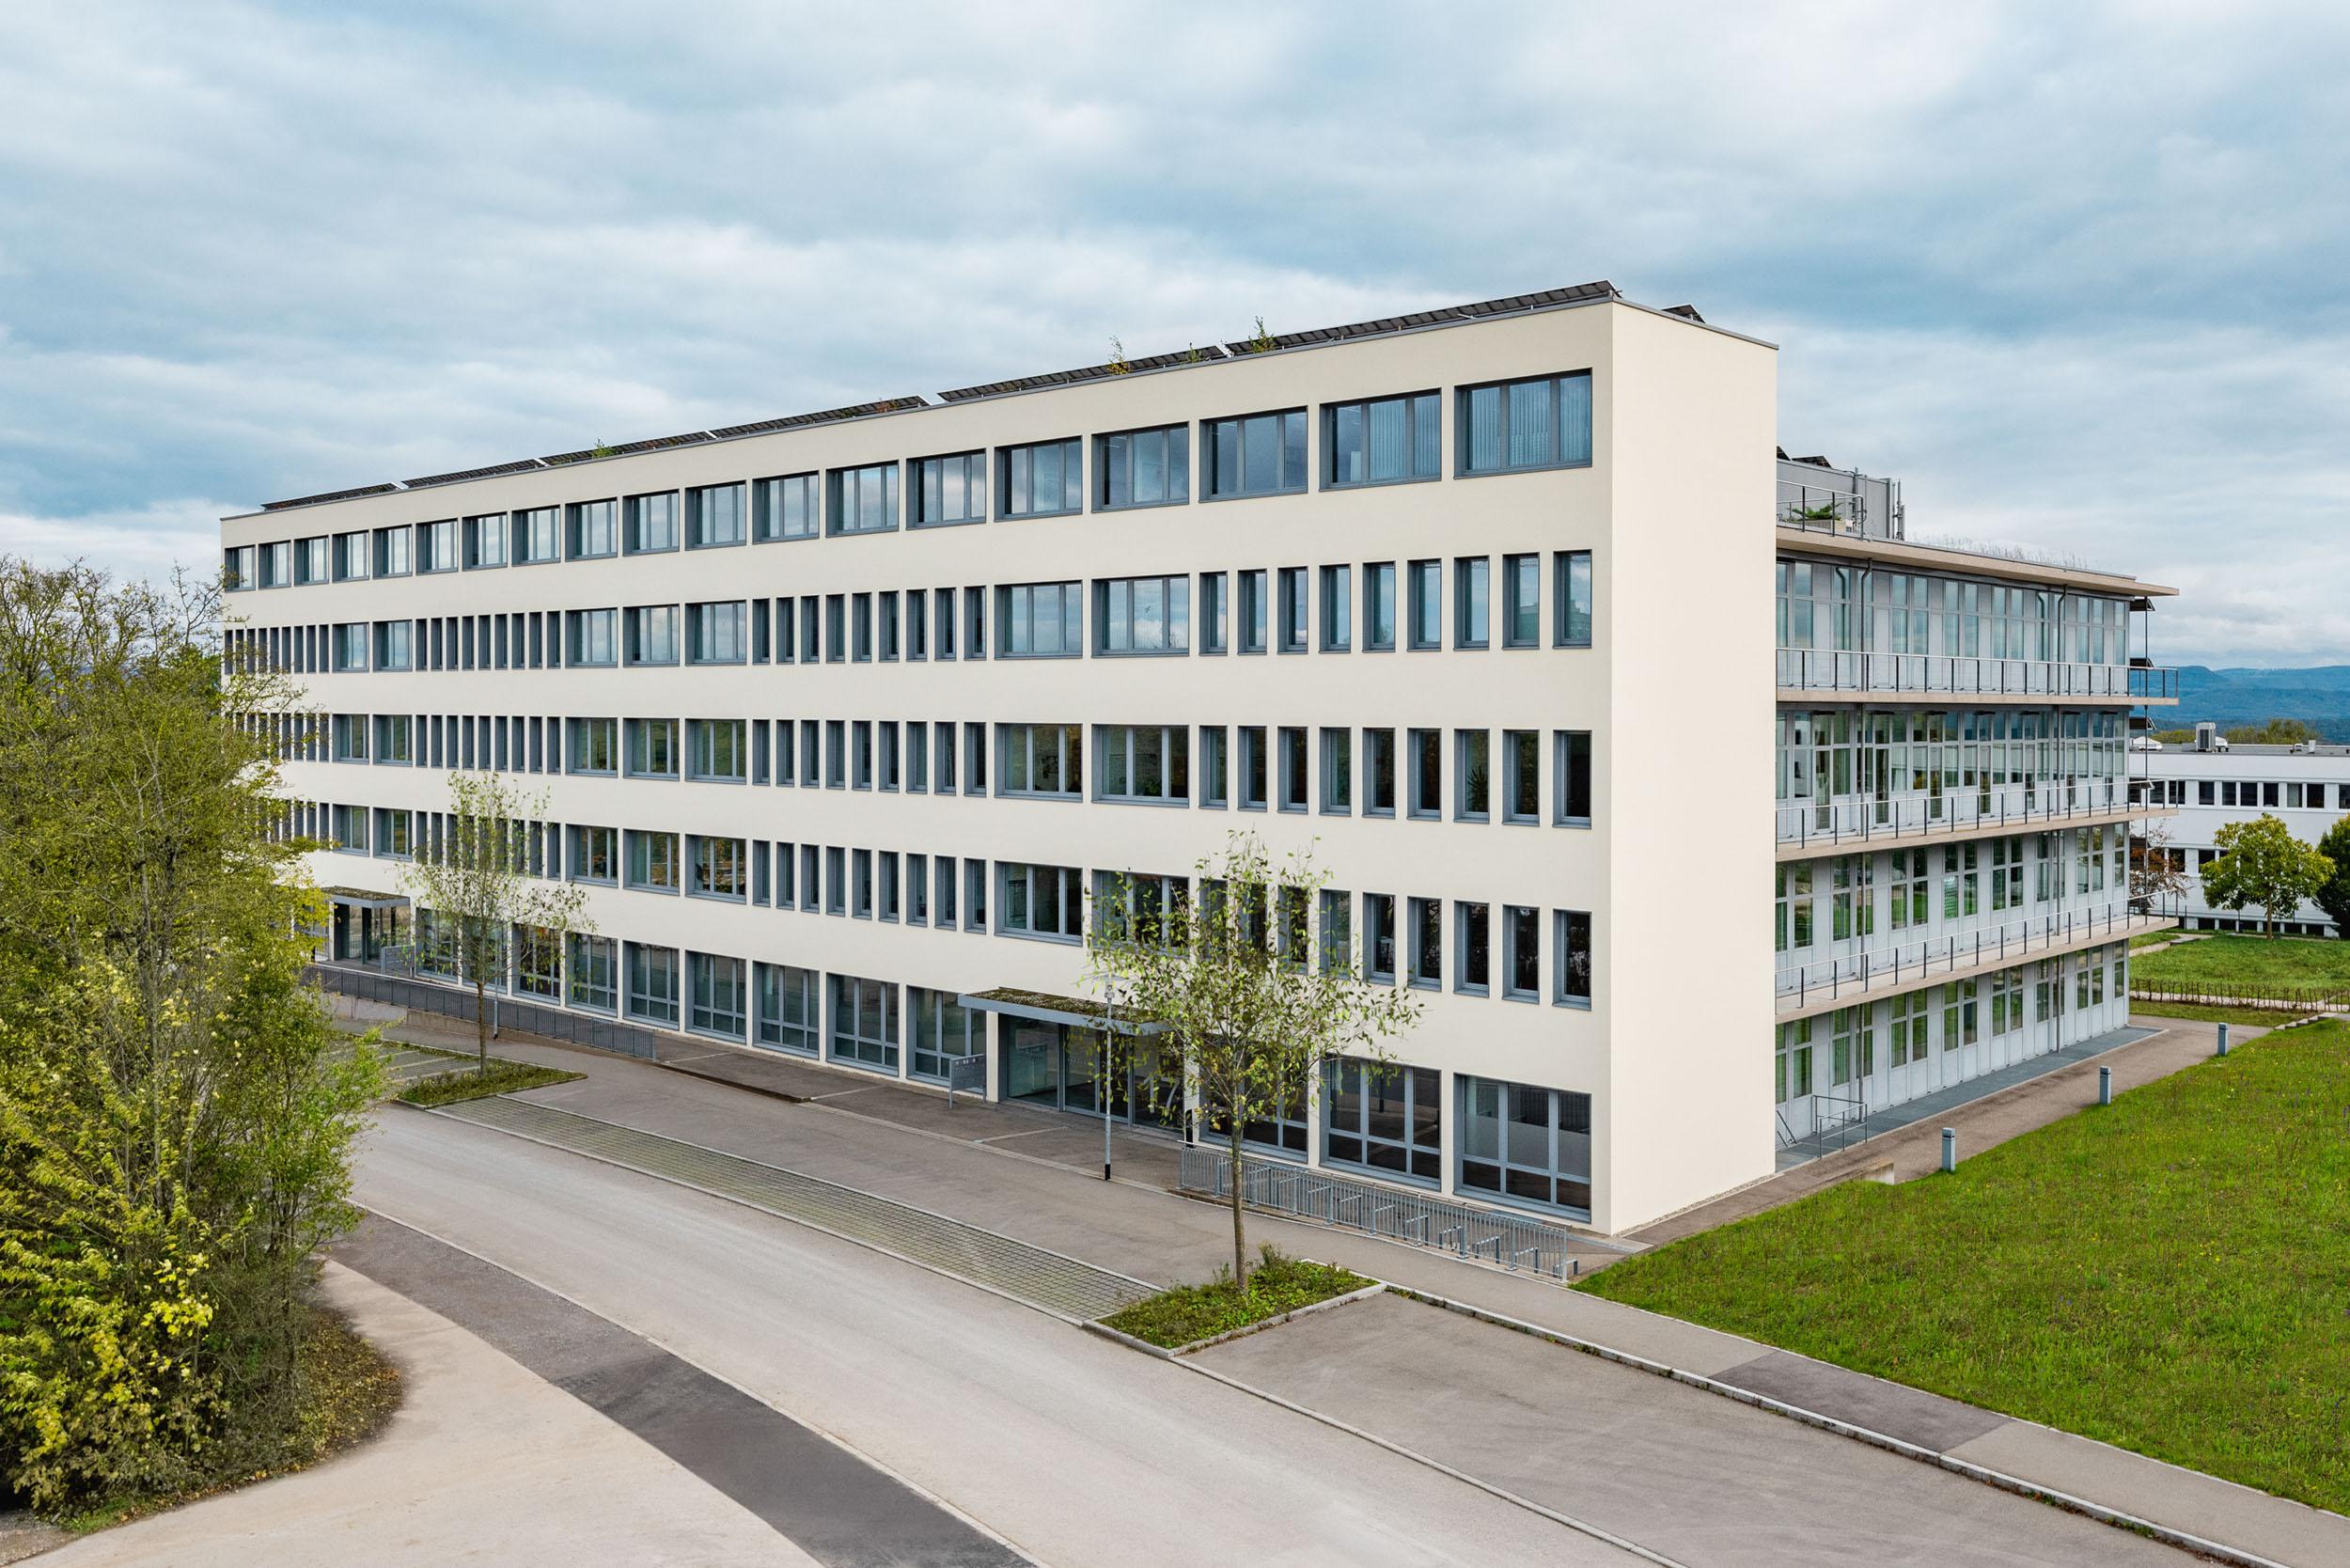 Gustav-Epple-Bauunternehmung-Tübingen-Biotech_MLX8382#00